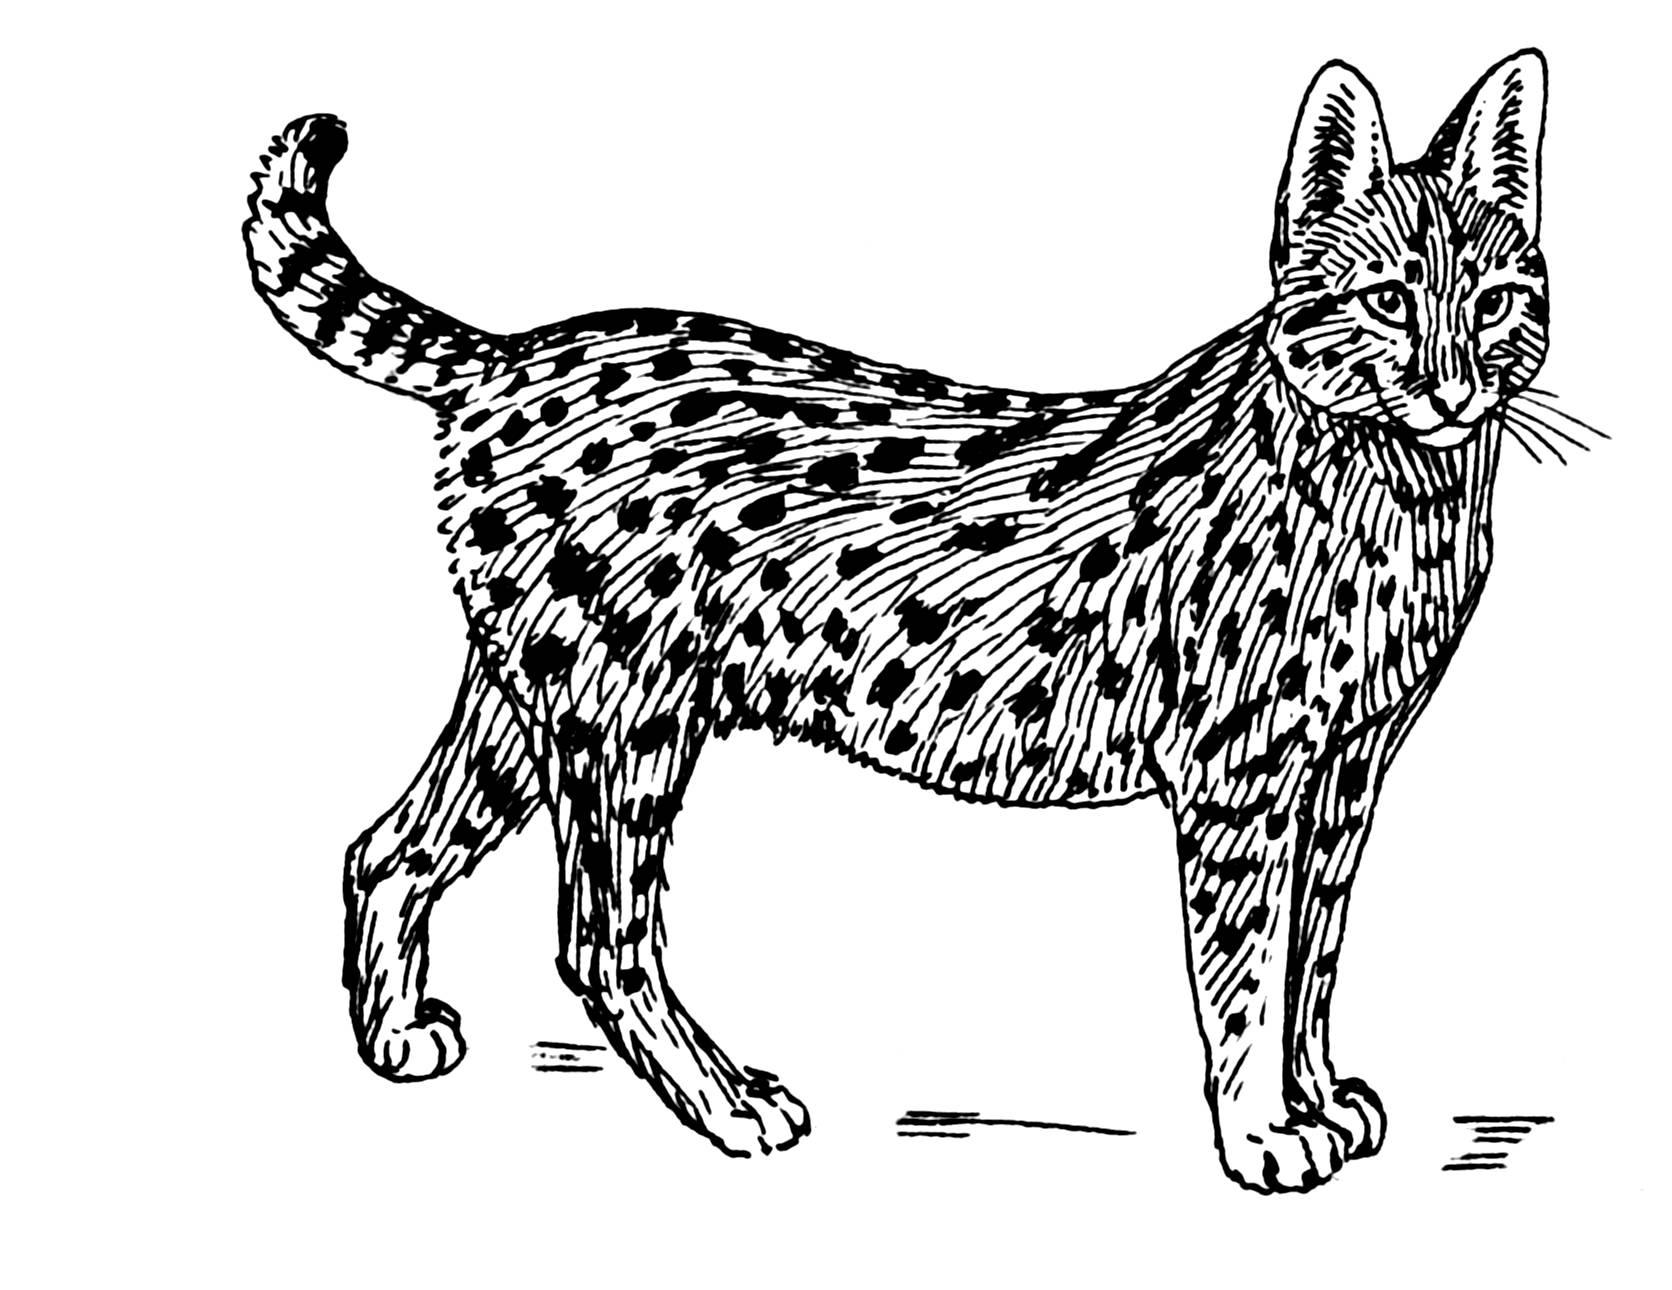 40 Imágenes Abstractas Para Descargar E Imprimir: 40 Dibujos De Pumas Para Colorear